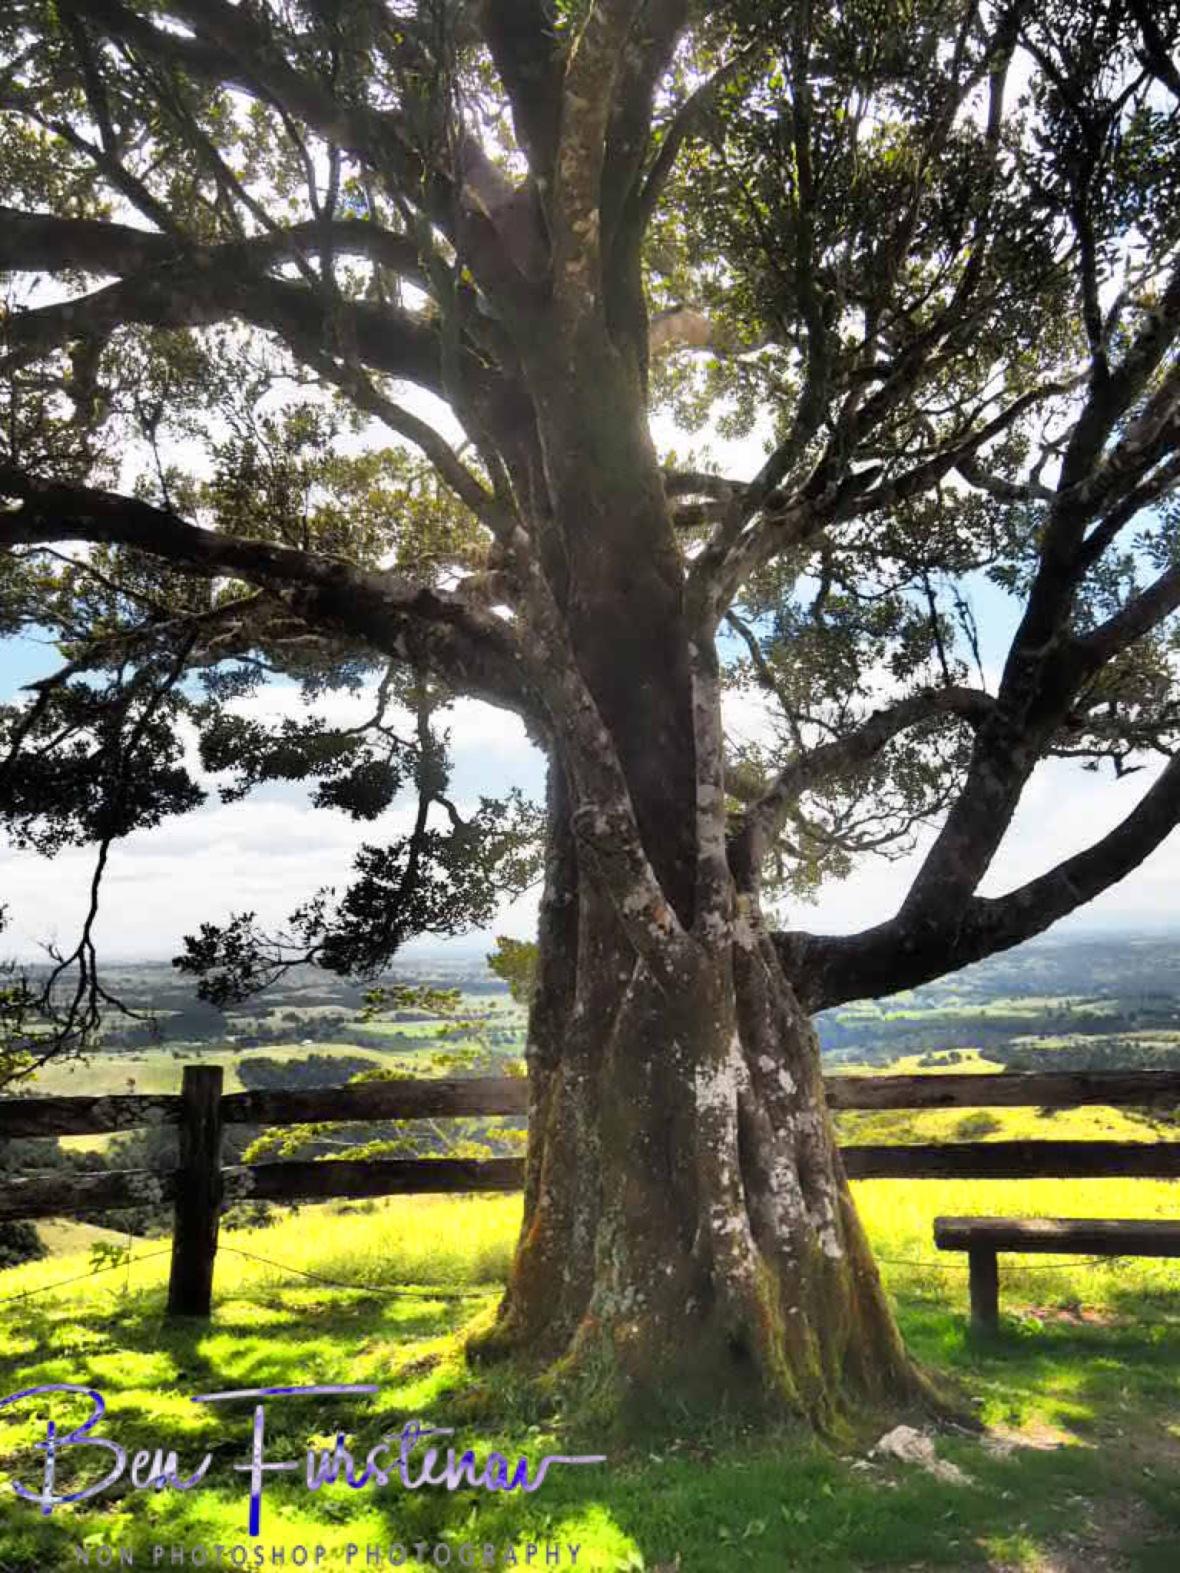 Lookout point near Millaa Millaa township, Atherton Tablelands, Far North Queensland, Australia